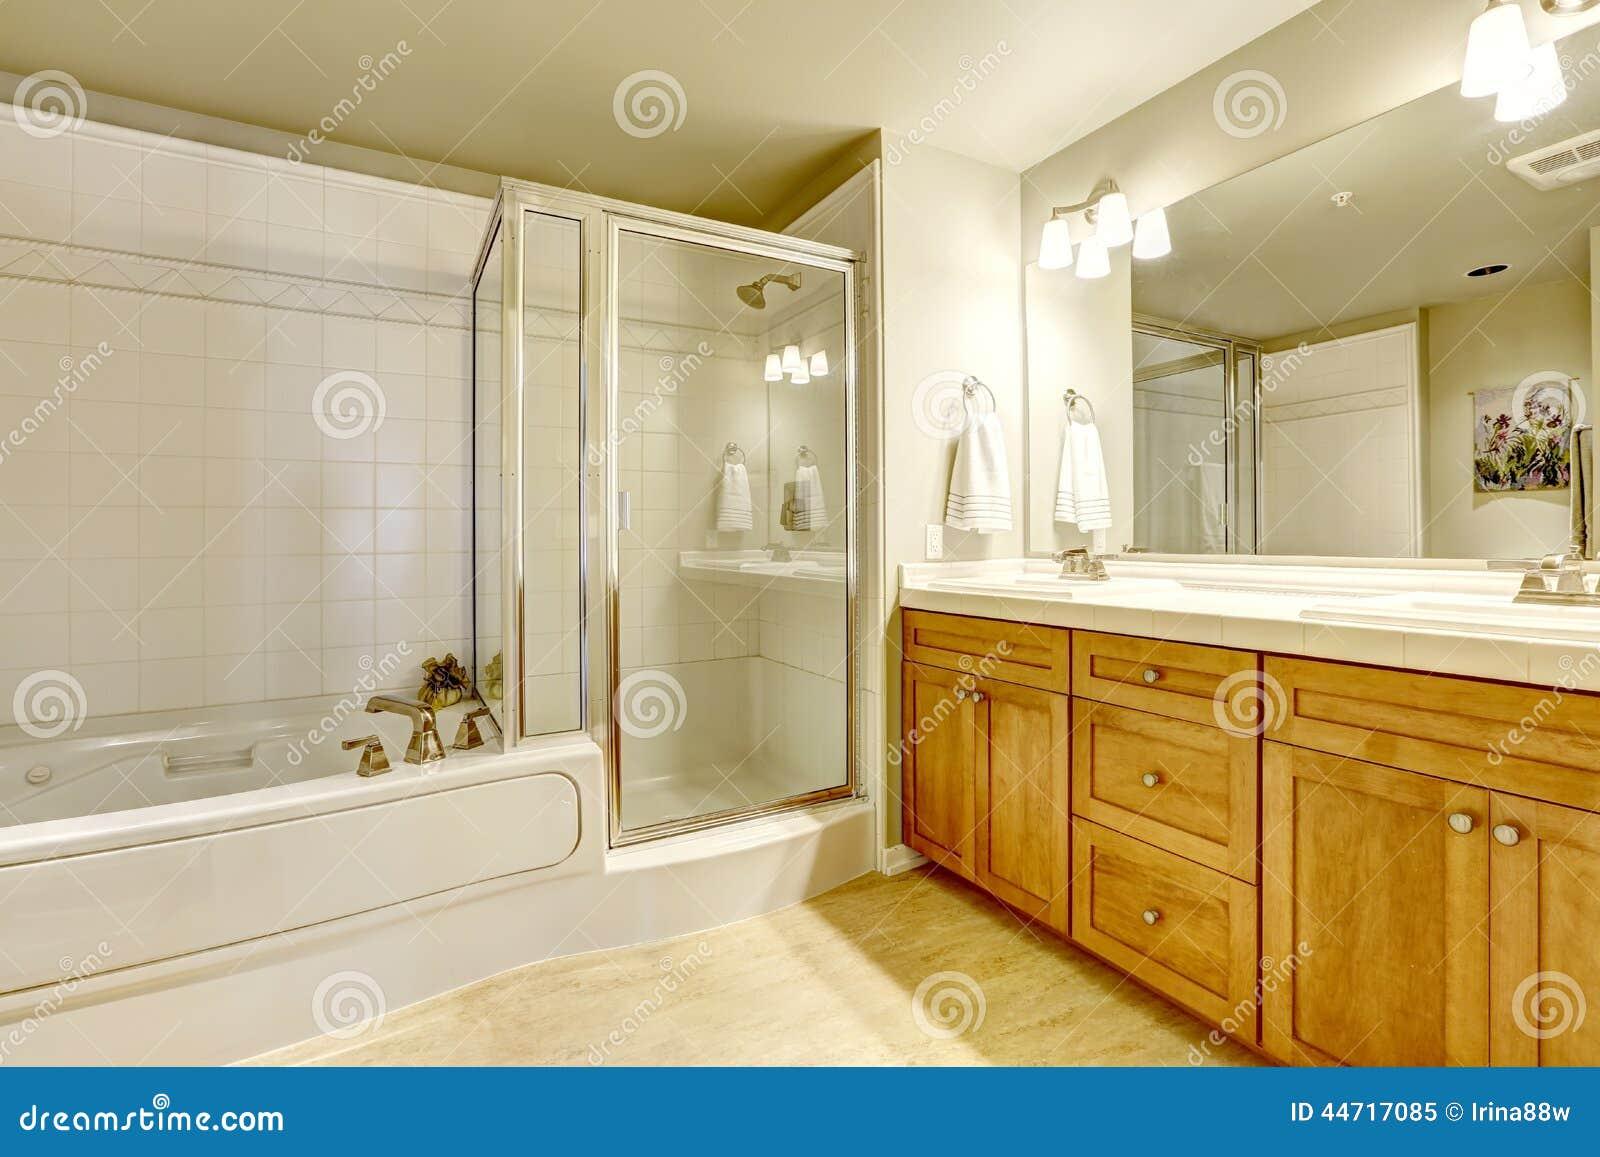 Banheiro Espaçoso Com Banheira E Chuveiro Foto de Stock  Imagem 44717085 -> Banheiro Pequeno Com Chuveiro E Banheira